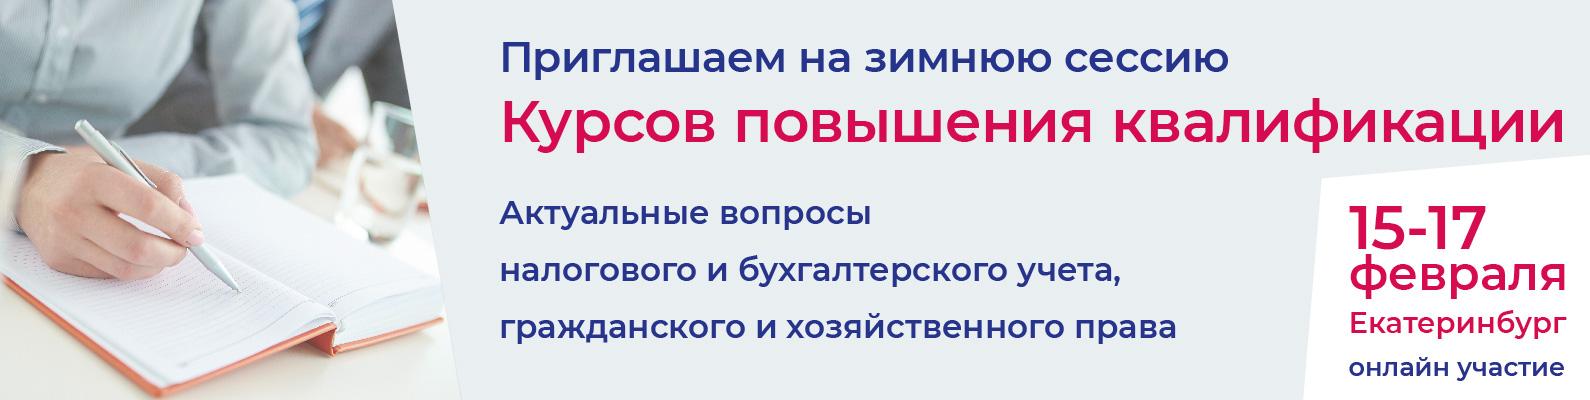 Приглашаем на зимнюю сессию Курсов повышения квалификации